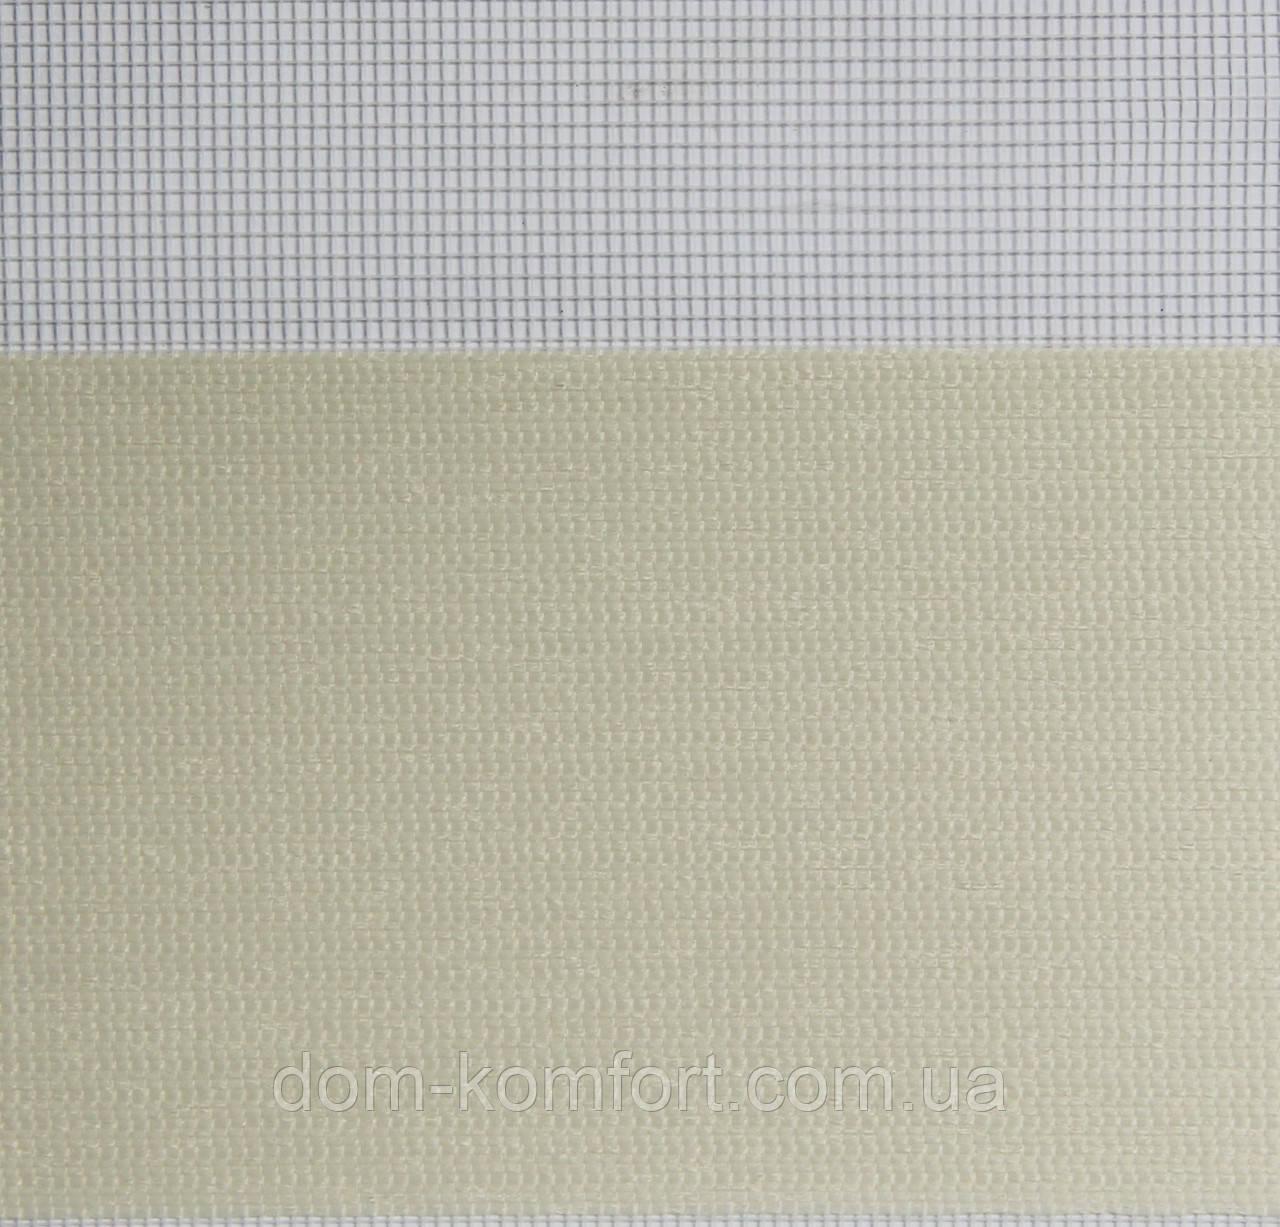 Рулонные шторы День-Ночь Ткань Рио Z-067 Топленое молоко